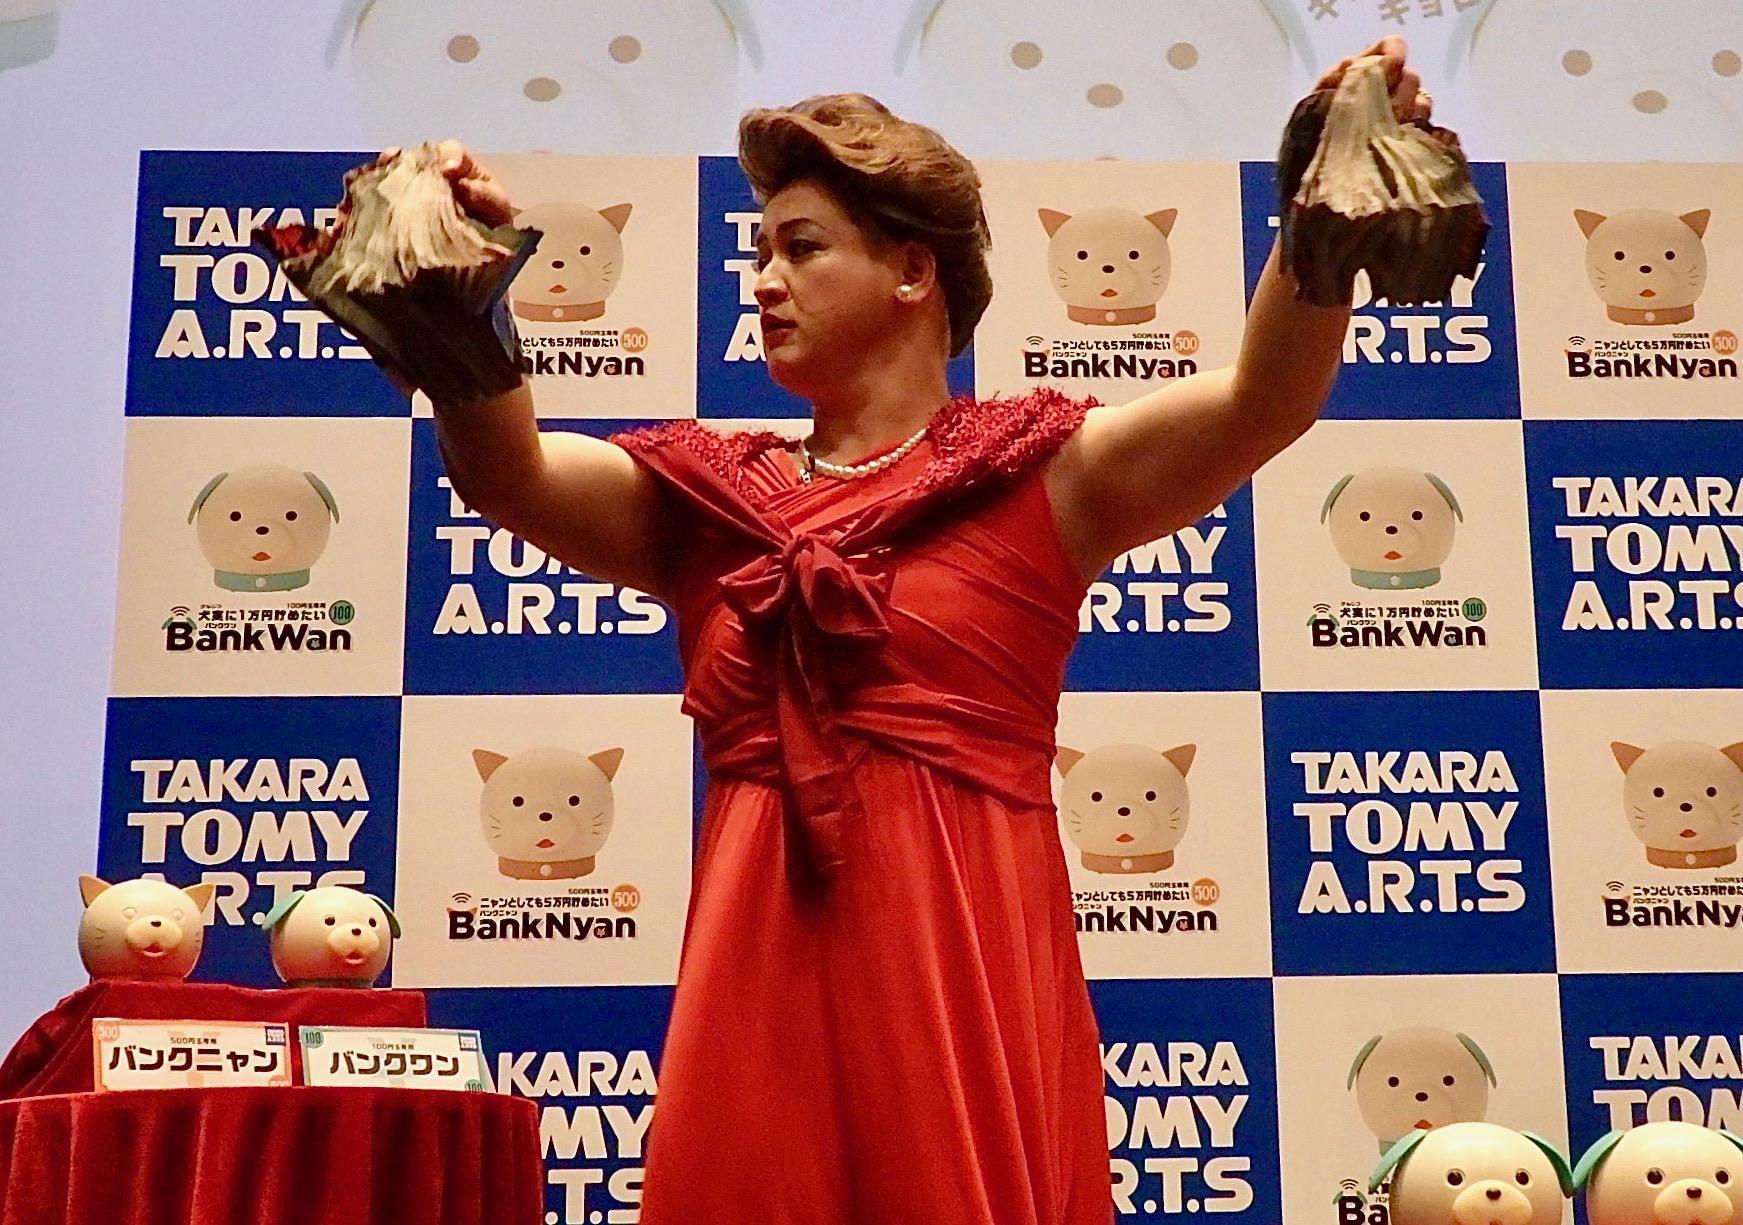 http://news.yoshimoto.co.jp/20181101002642-de72217d5e345b52f01fb08f0f86b122deff9a5e.jpg